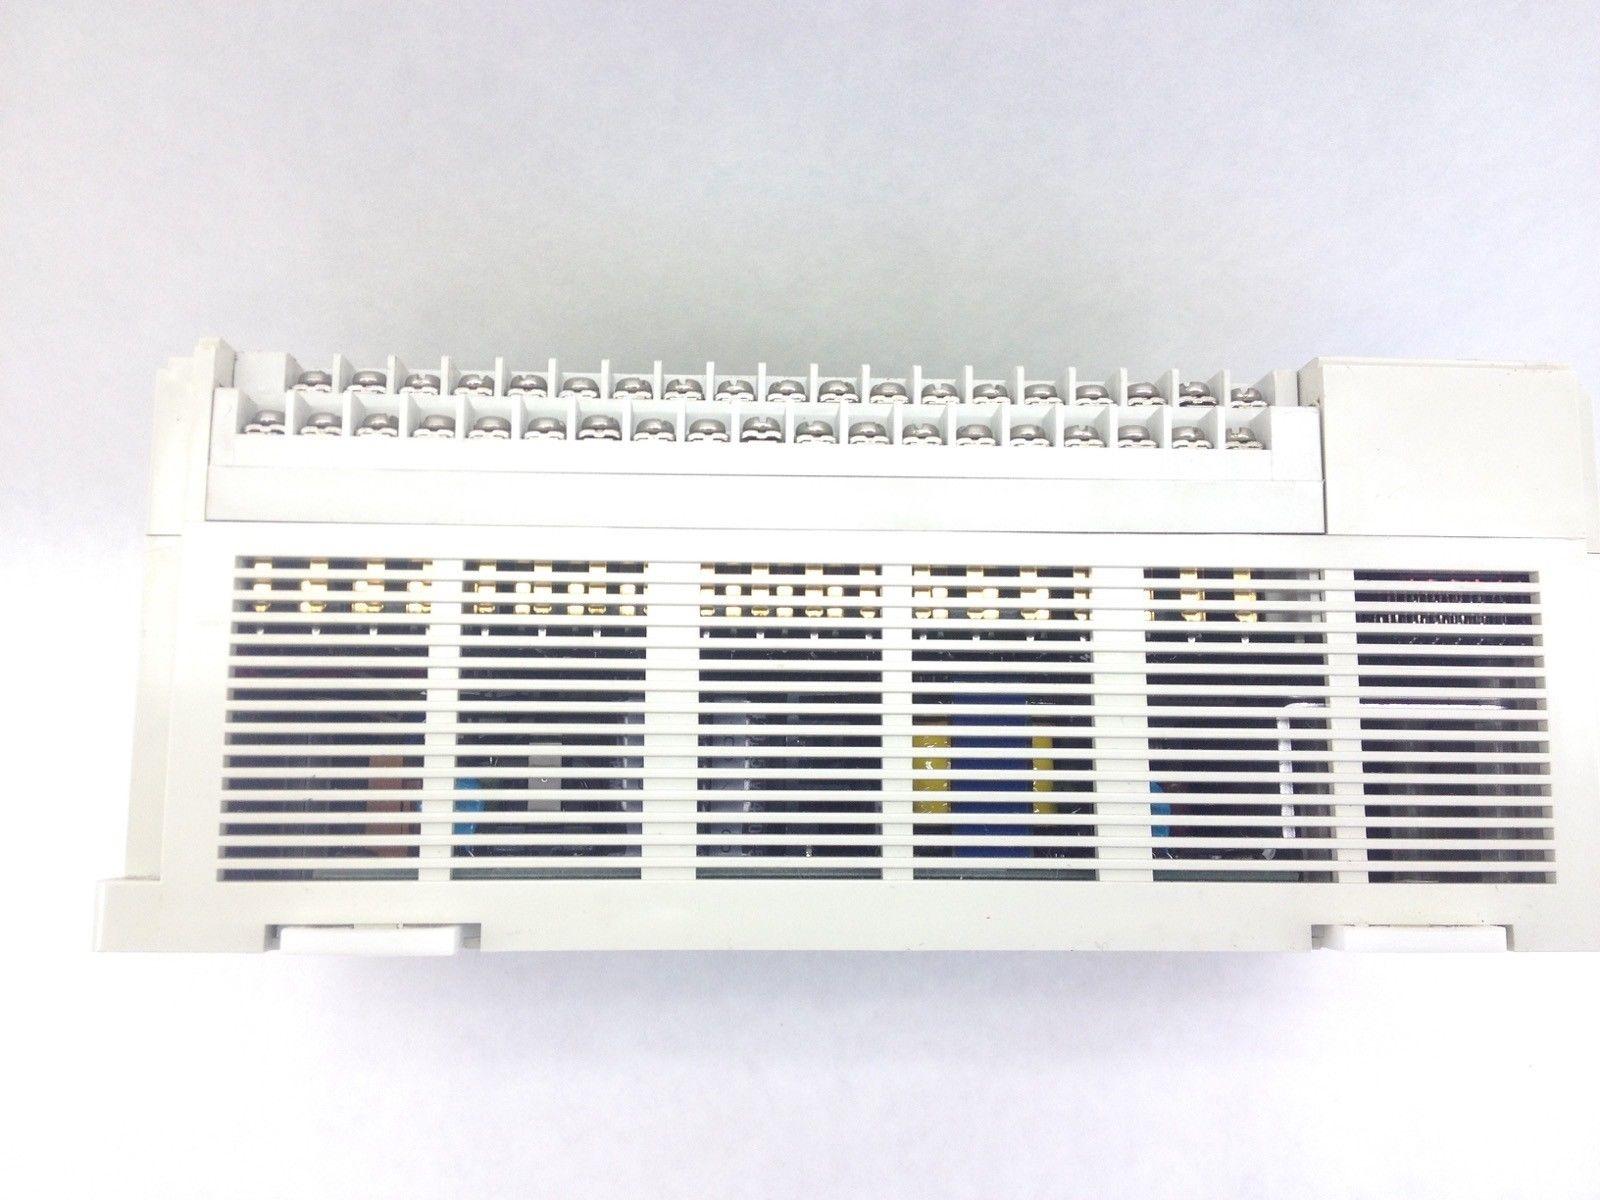 MITSUBISHI MELSEC FX-48ER-ES PROGRAMMABLE CONTROLLER (H352) 6